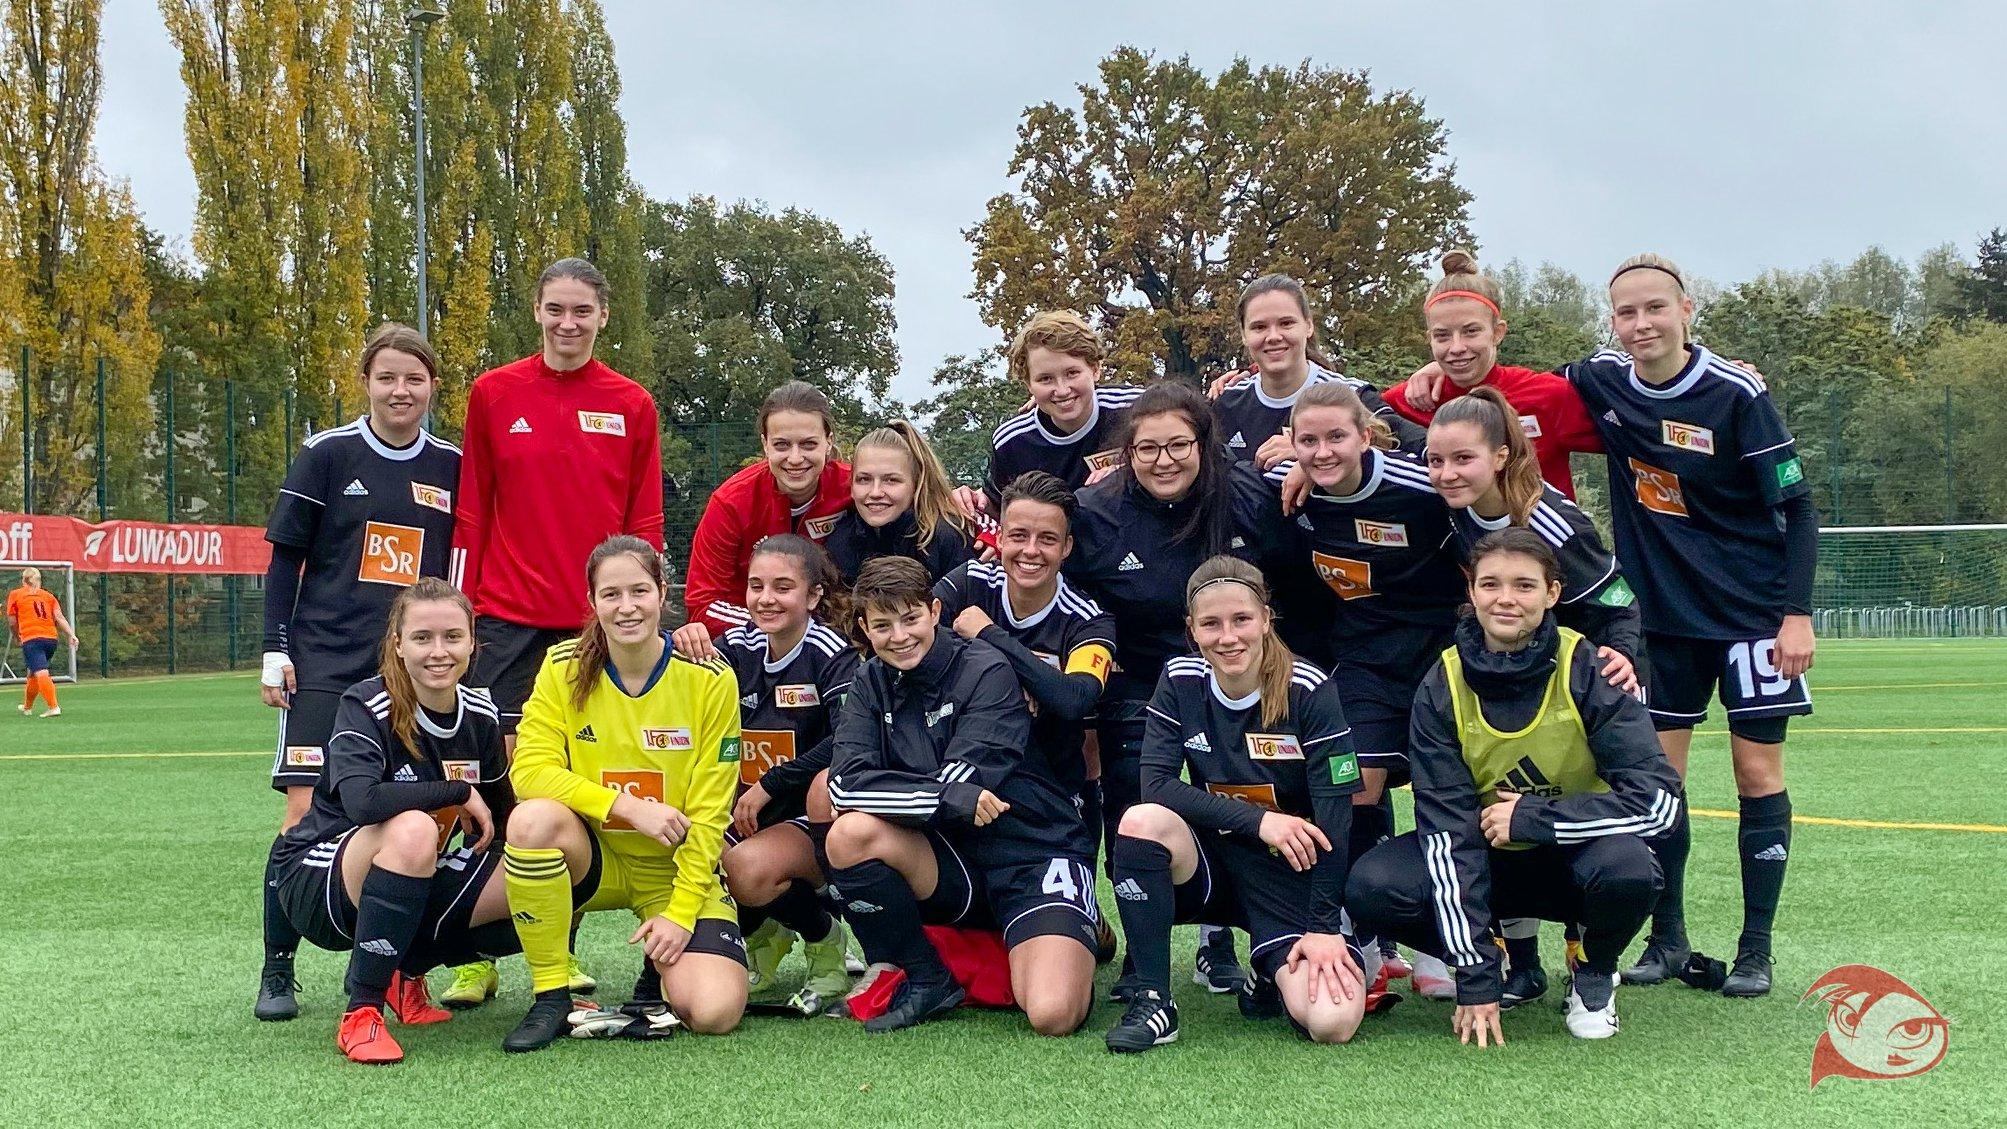 Das zweite Frauen-Team des 1. FC Union Berlin, Foto: 1. FC Unin Berlin Frauen und Mädchen